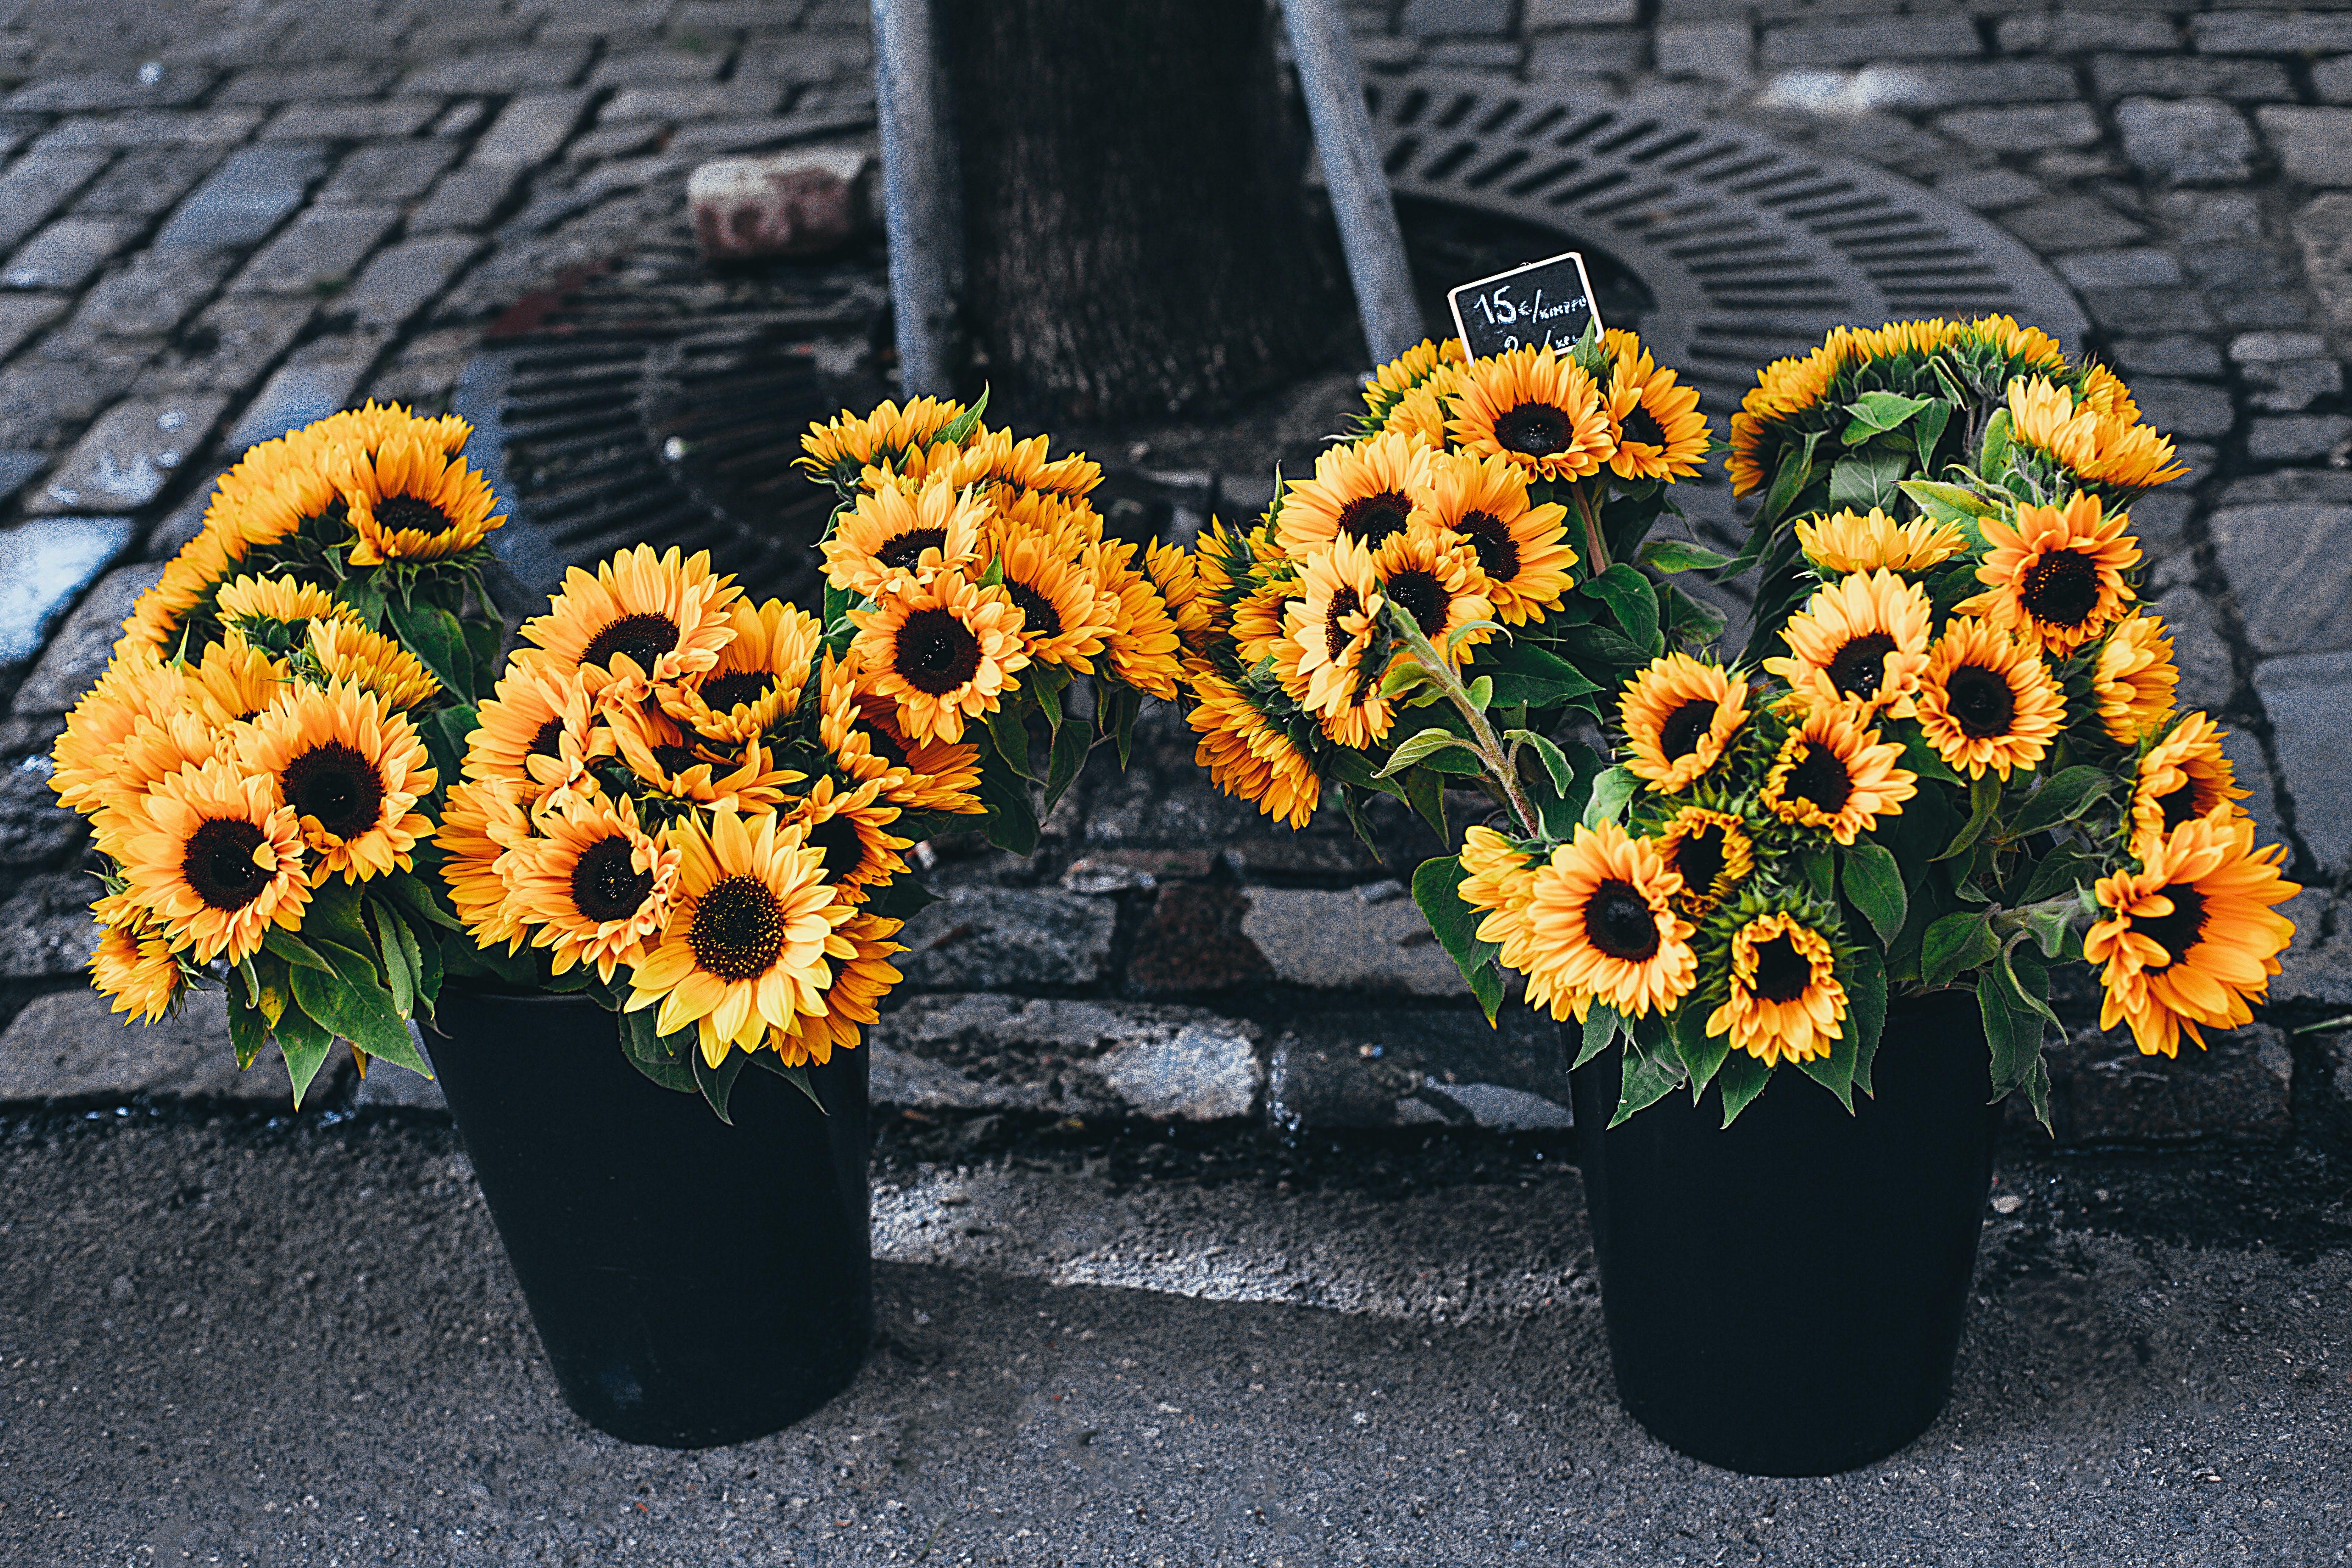 Sunflowers in Pot Beside Road